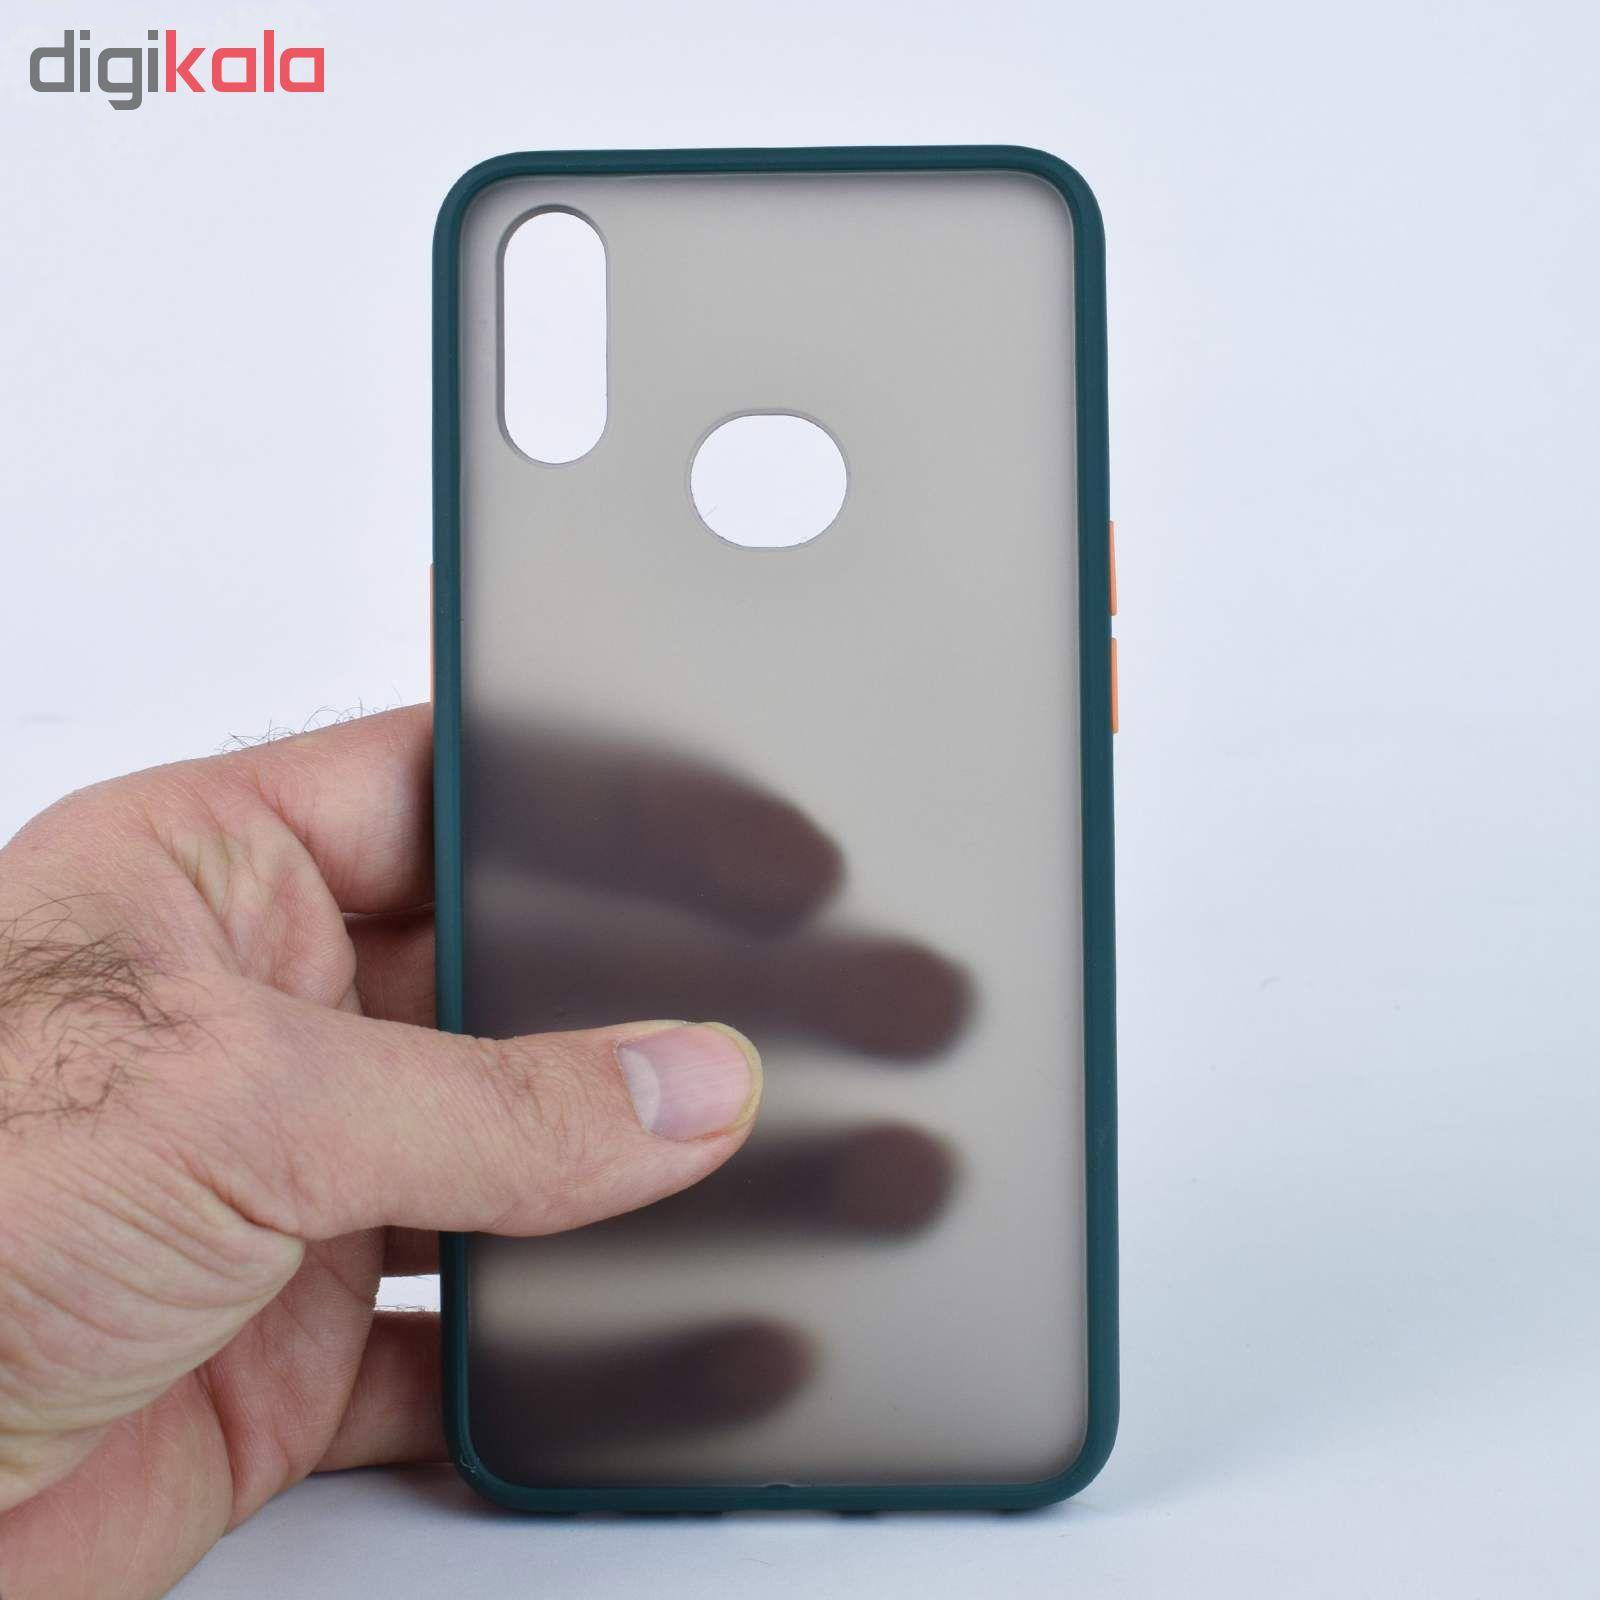 کاور مدل Slico01 مناسب برای گوشی موبایل سامسونگ Galaxy A20S main 1 2